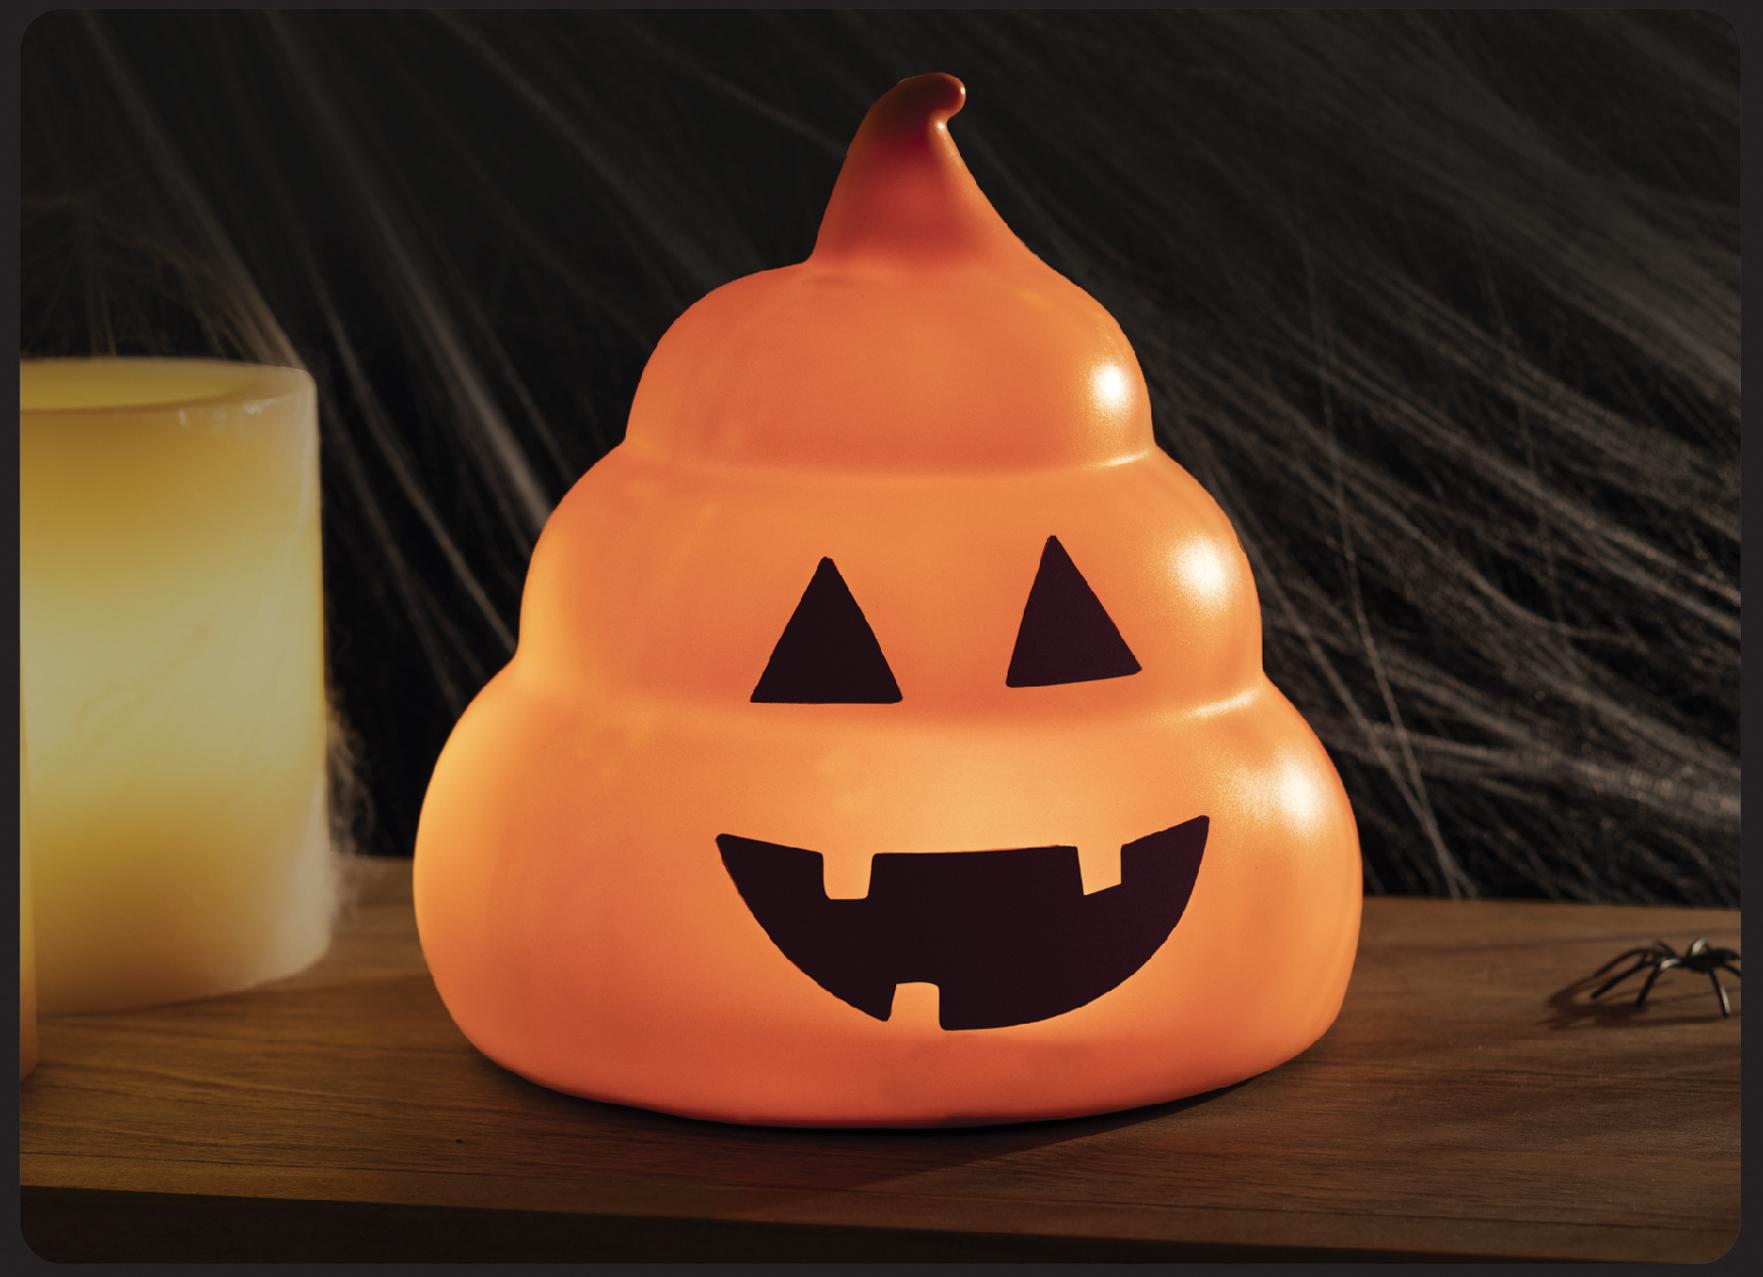 Poop-o-Lantern